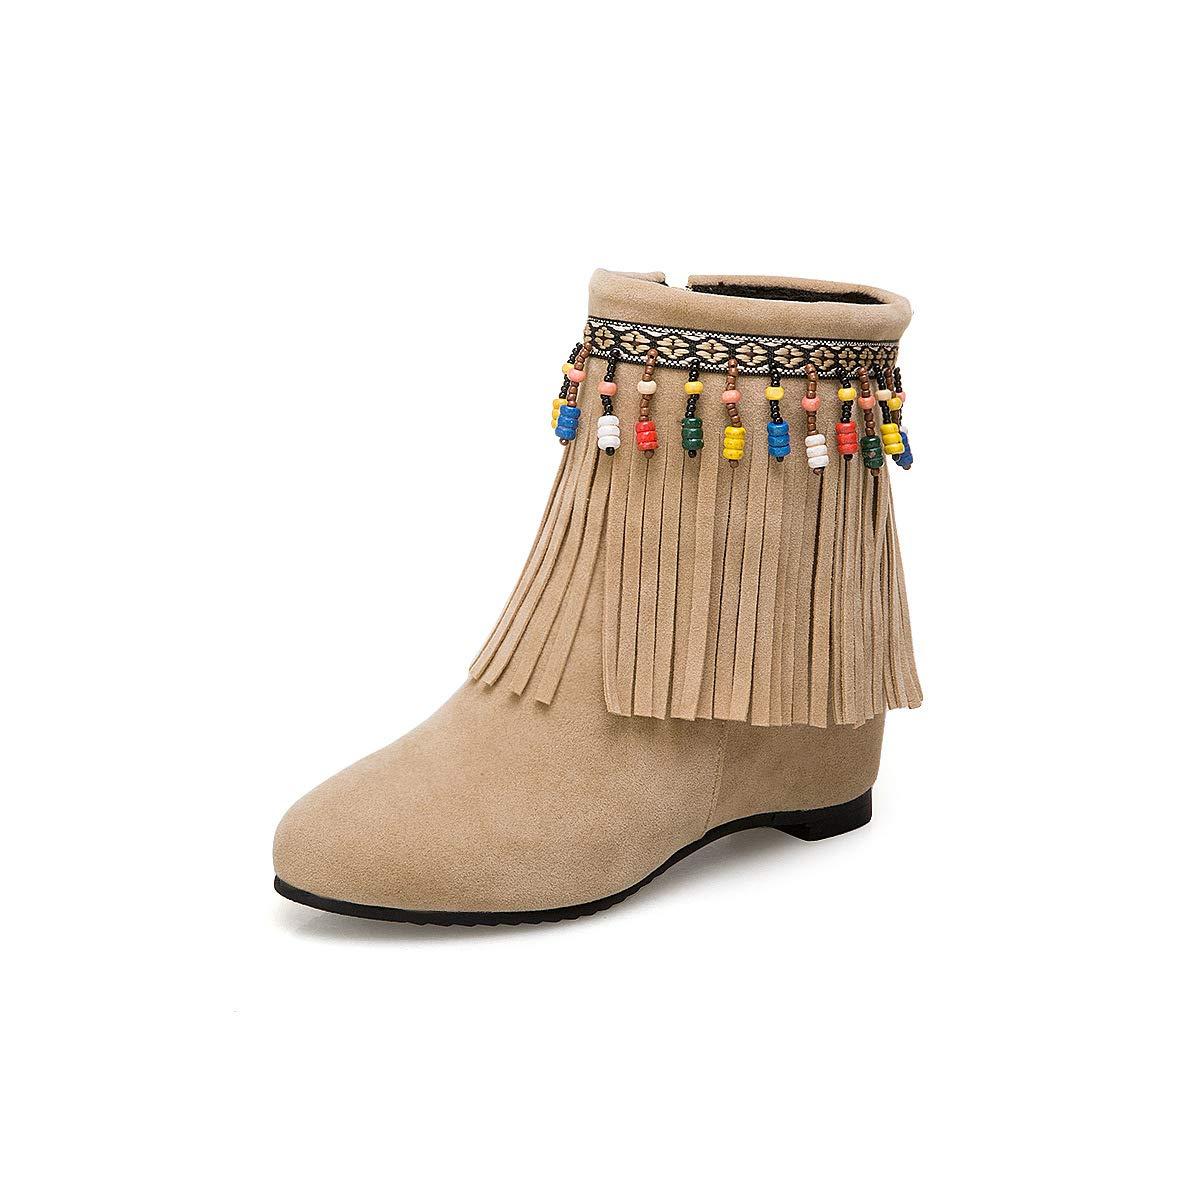 Adong Kurze Stiefel für Frauen Suede Zipper Zipper Zipper Schuhe Comfort Outdoor Nonslip Work schuhe für Frauen und Männer handgemacht C 36EU b0df08